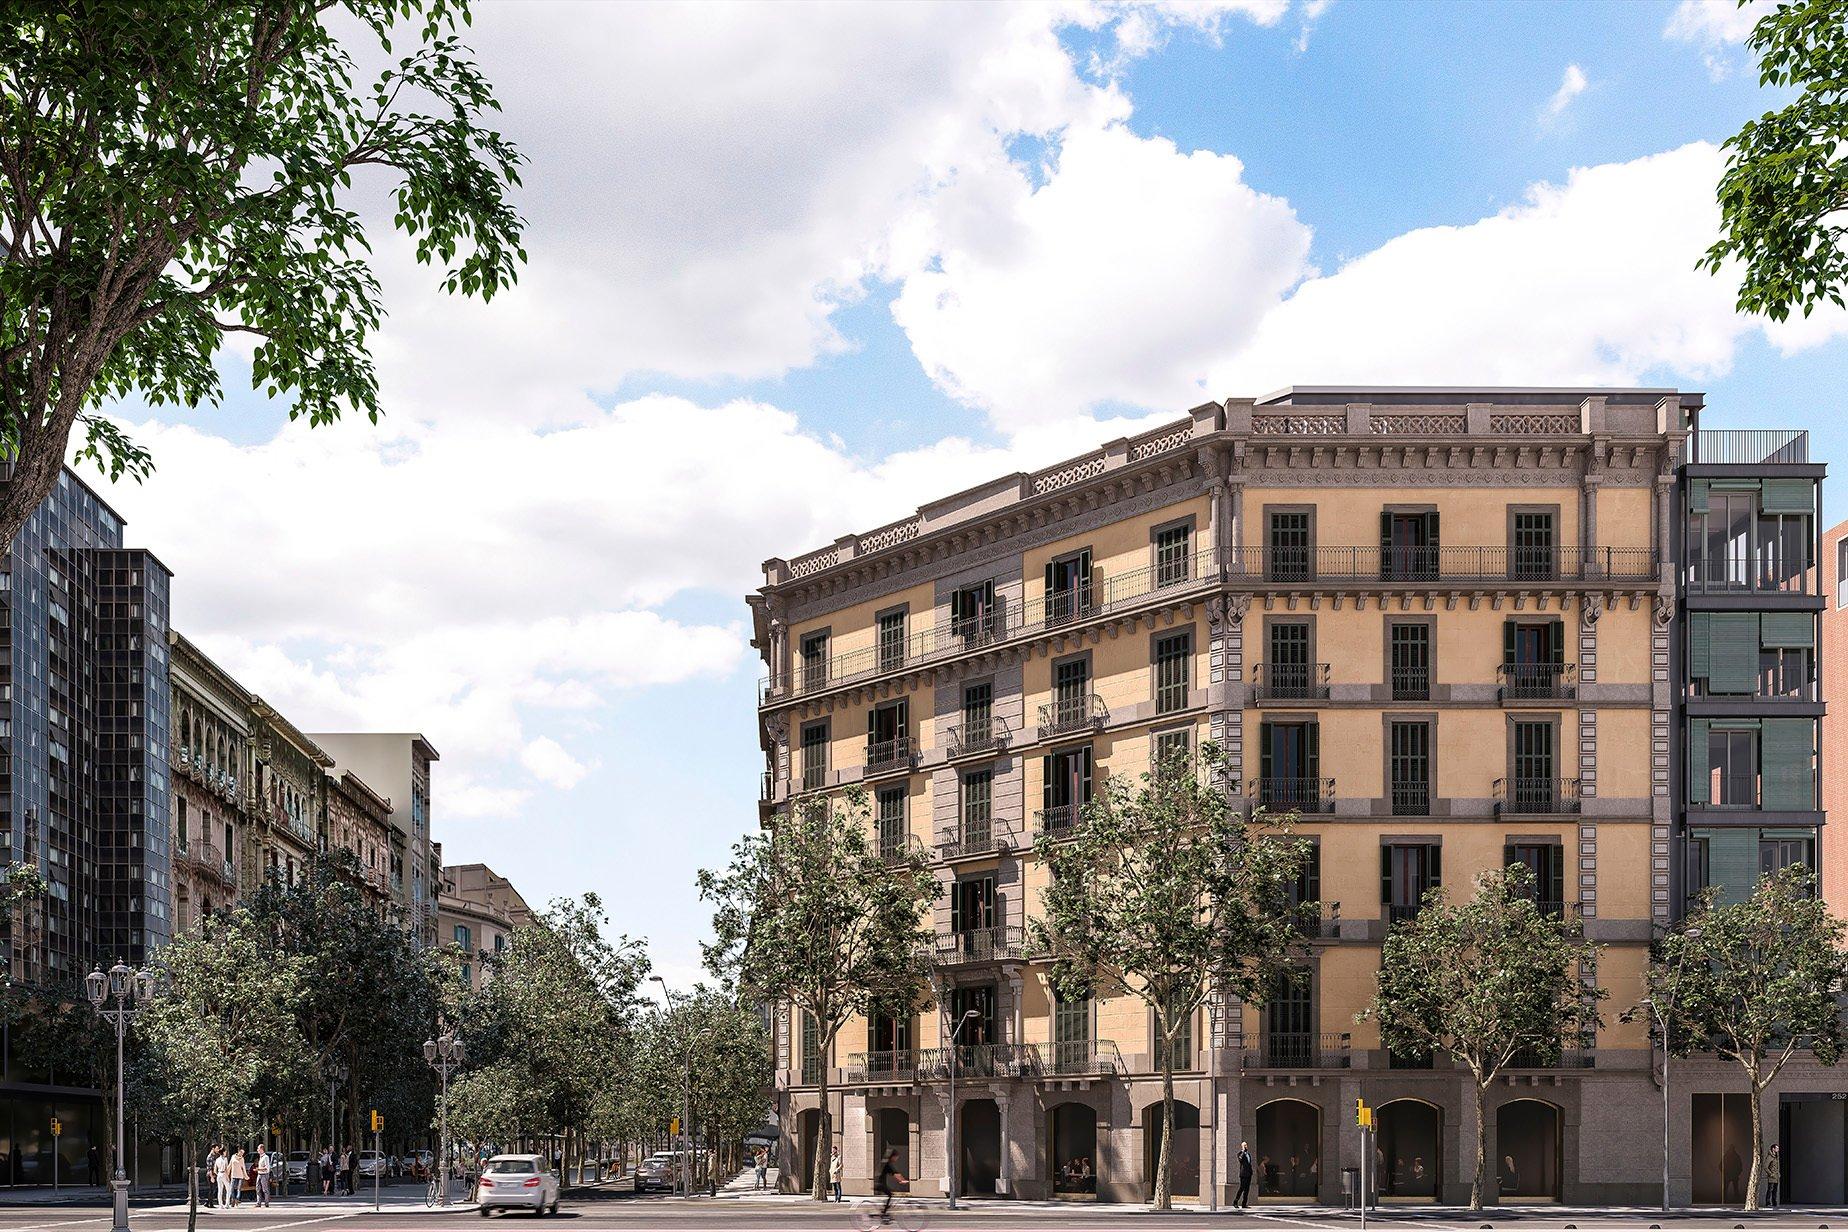 Appartamento a Barcellona, Catalogna, Spagna 1 - 11457861